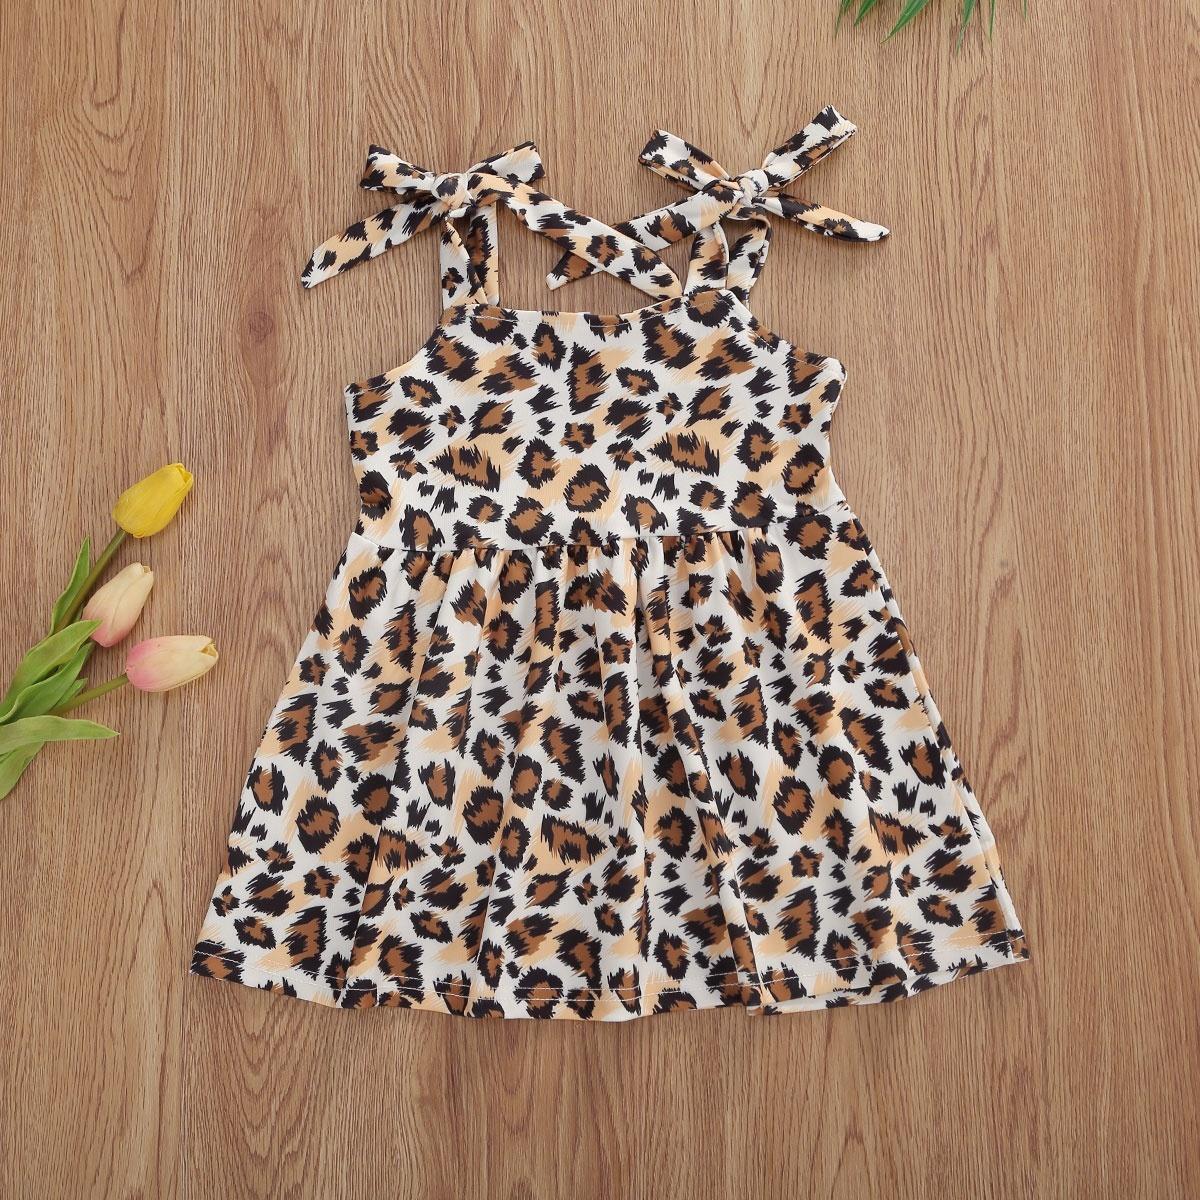 Little Girls Dress Leopard Pattern Sleeveless Patchwork Pleated Straps Outfit Waist Design Loose Sweet Cute Summer Dress Walmart Canada